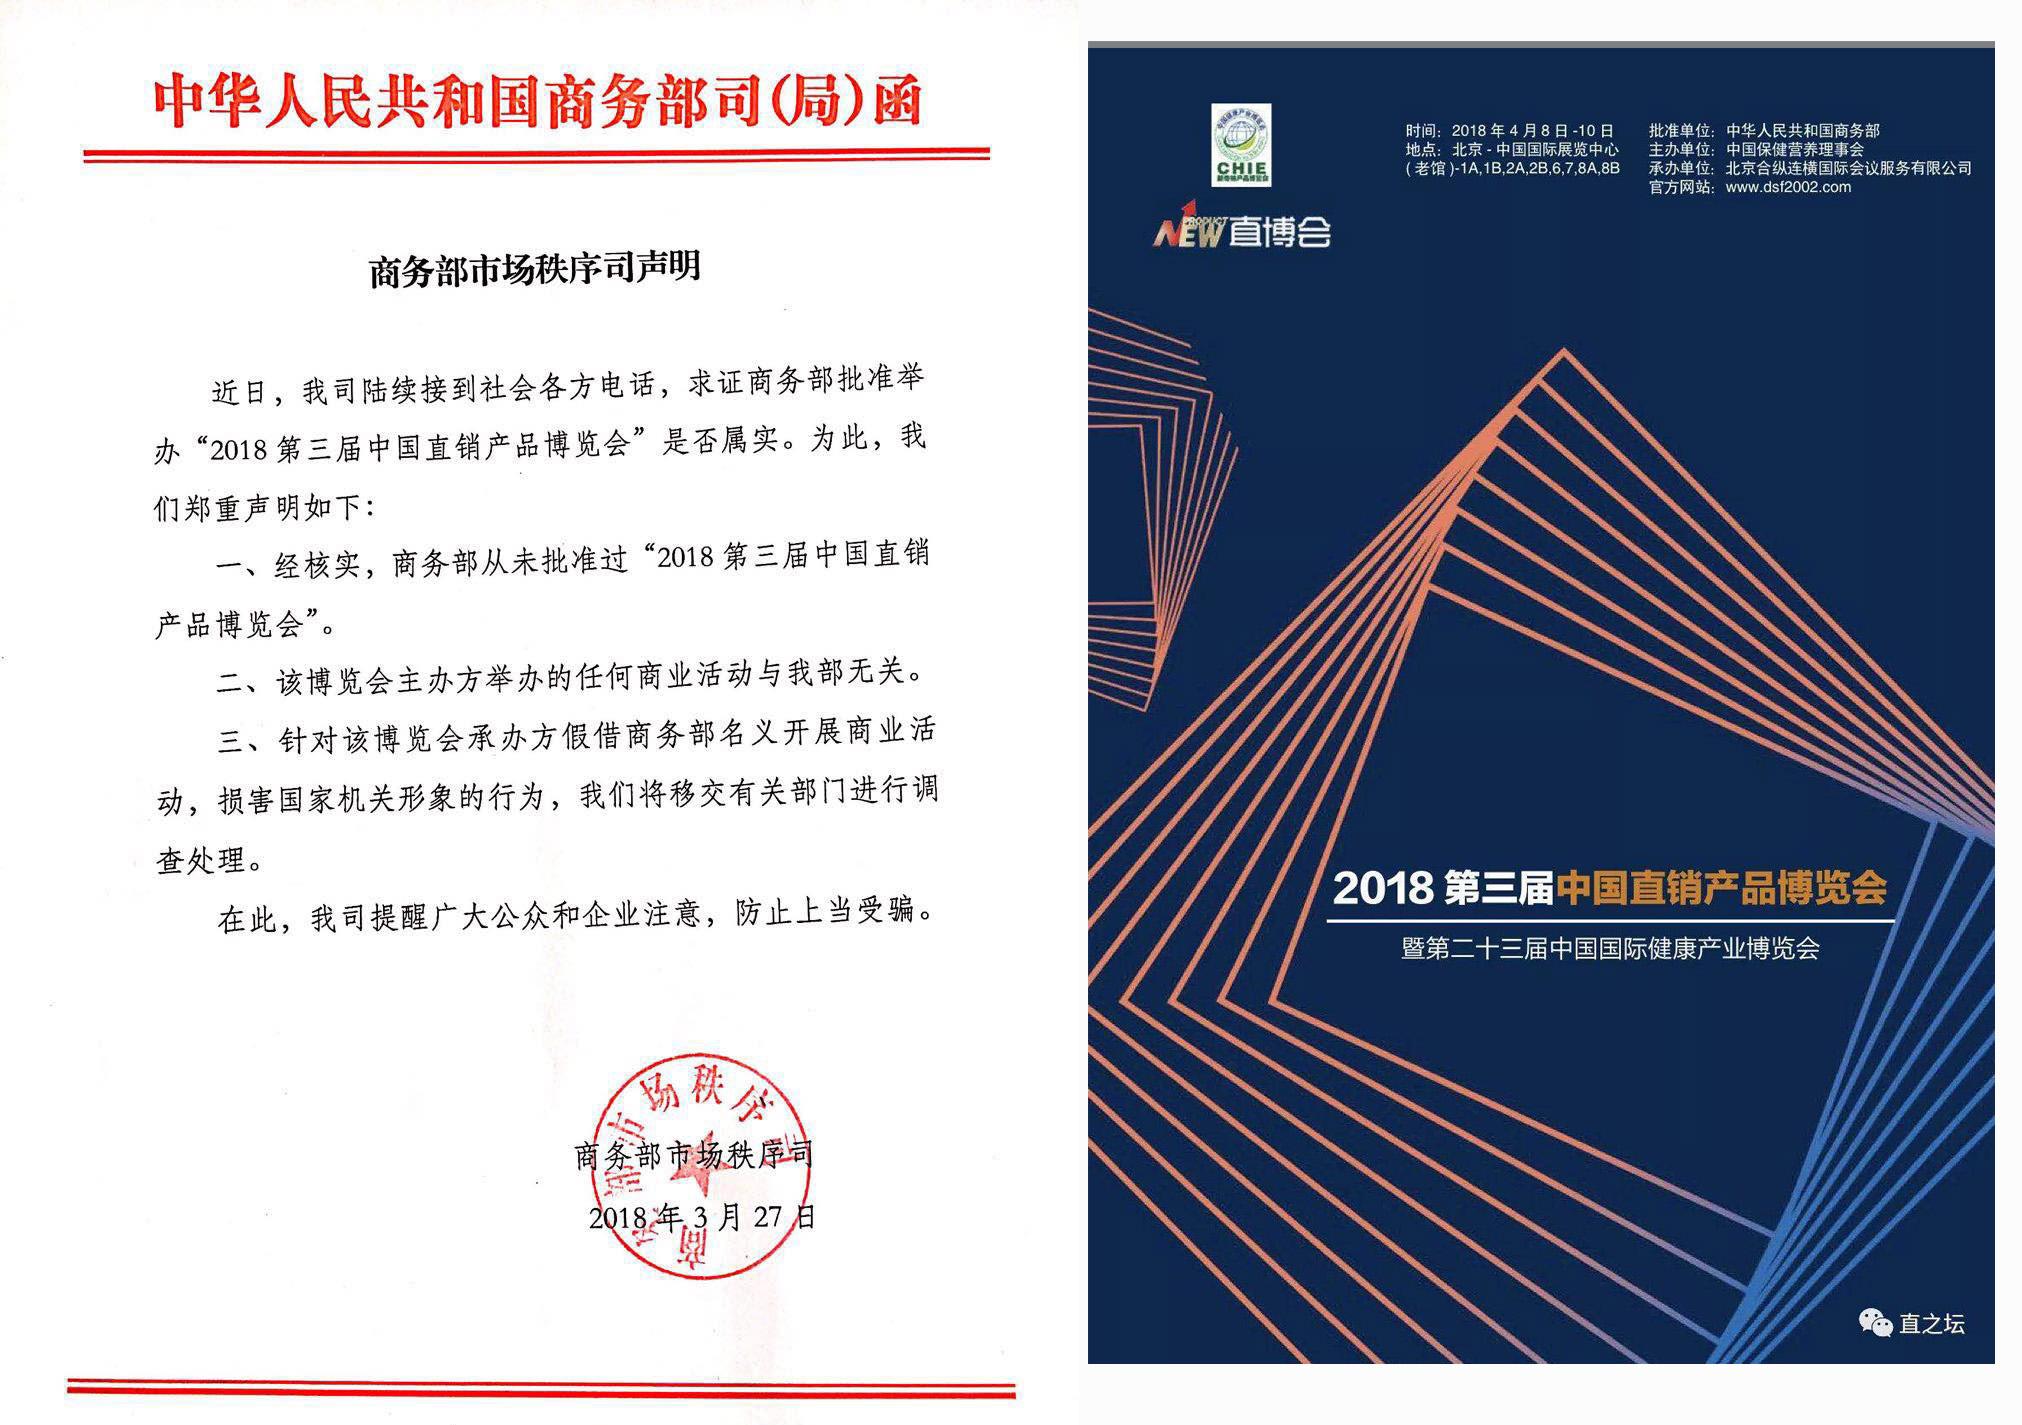 商务部:未批准第三届中国直销产品博览会